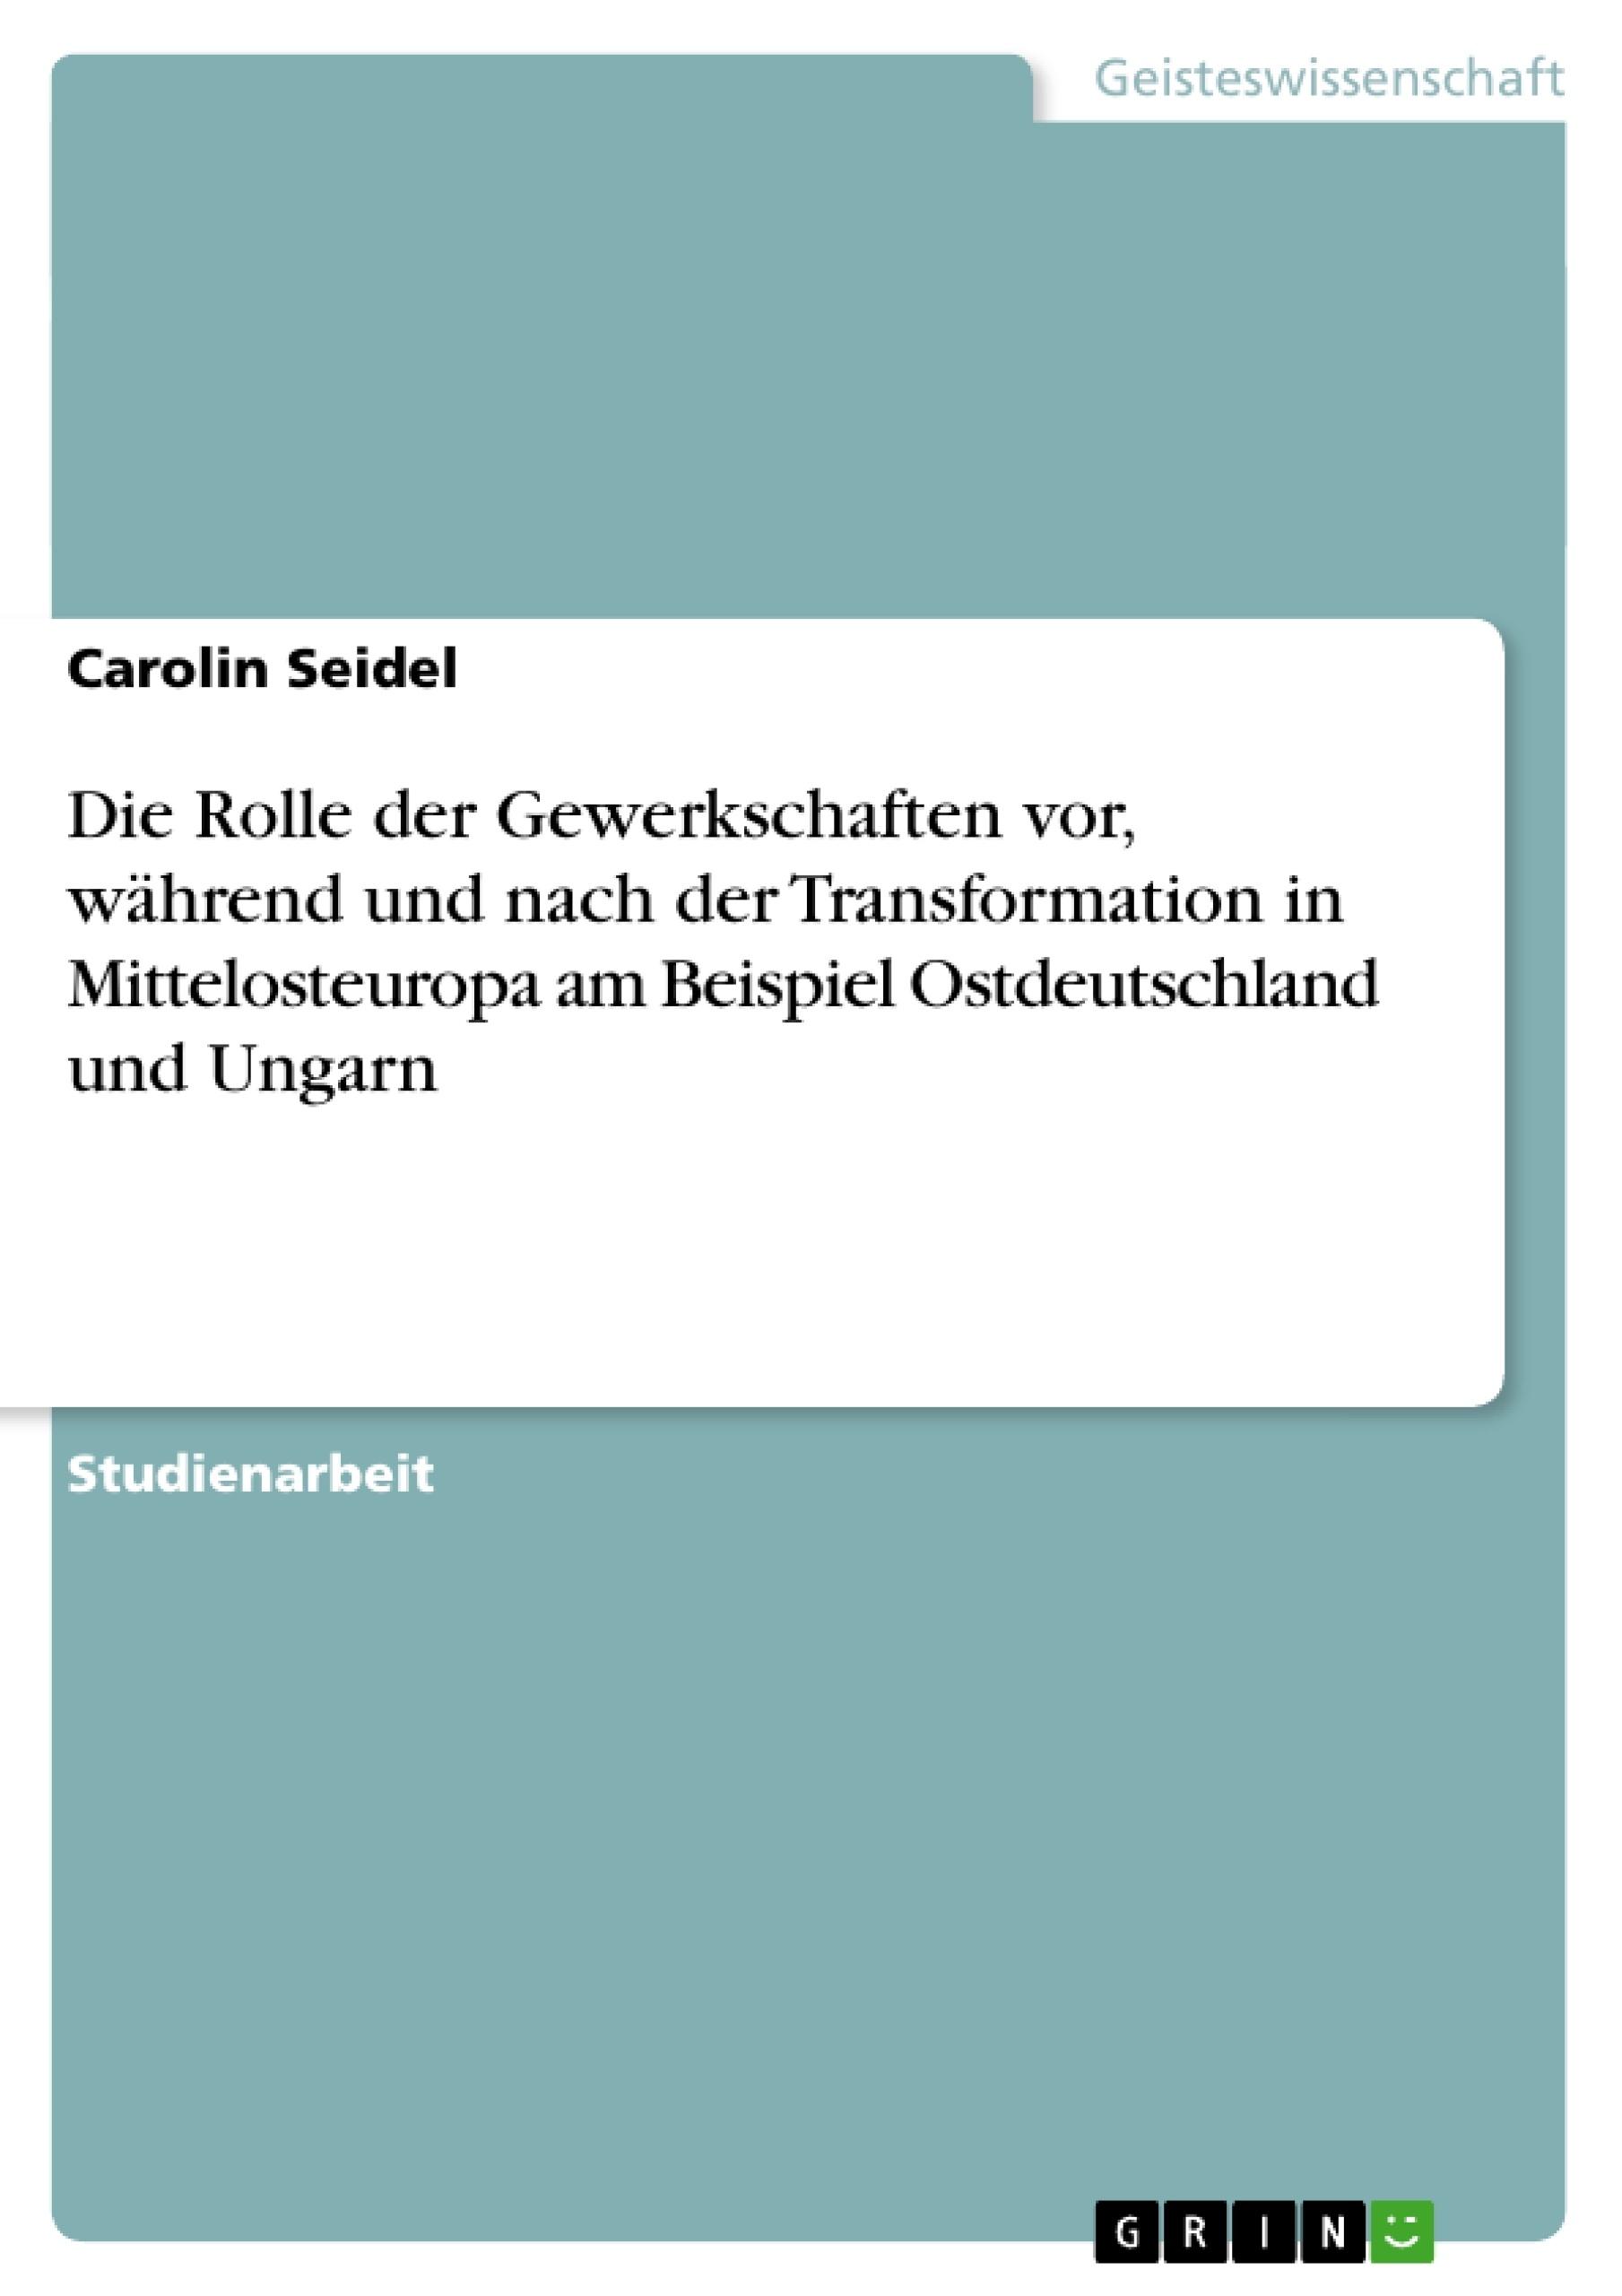 Titel: Die Rolle der Gewerkschaften vor, während und nach der Transformation in Mittelosteuropa am Beispiel Ostdeutschland und Ungarn